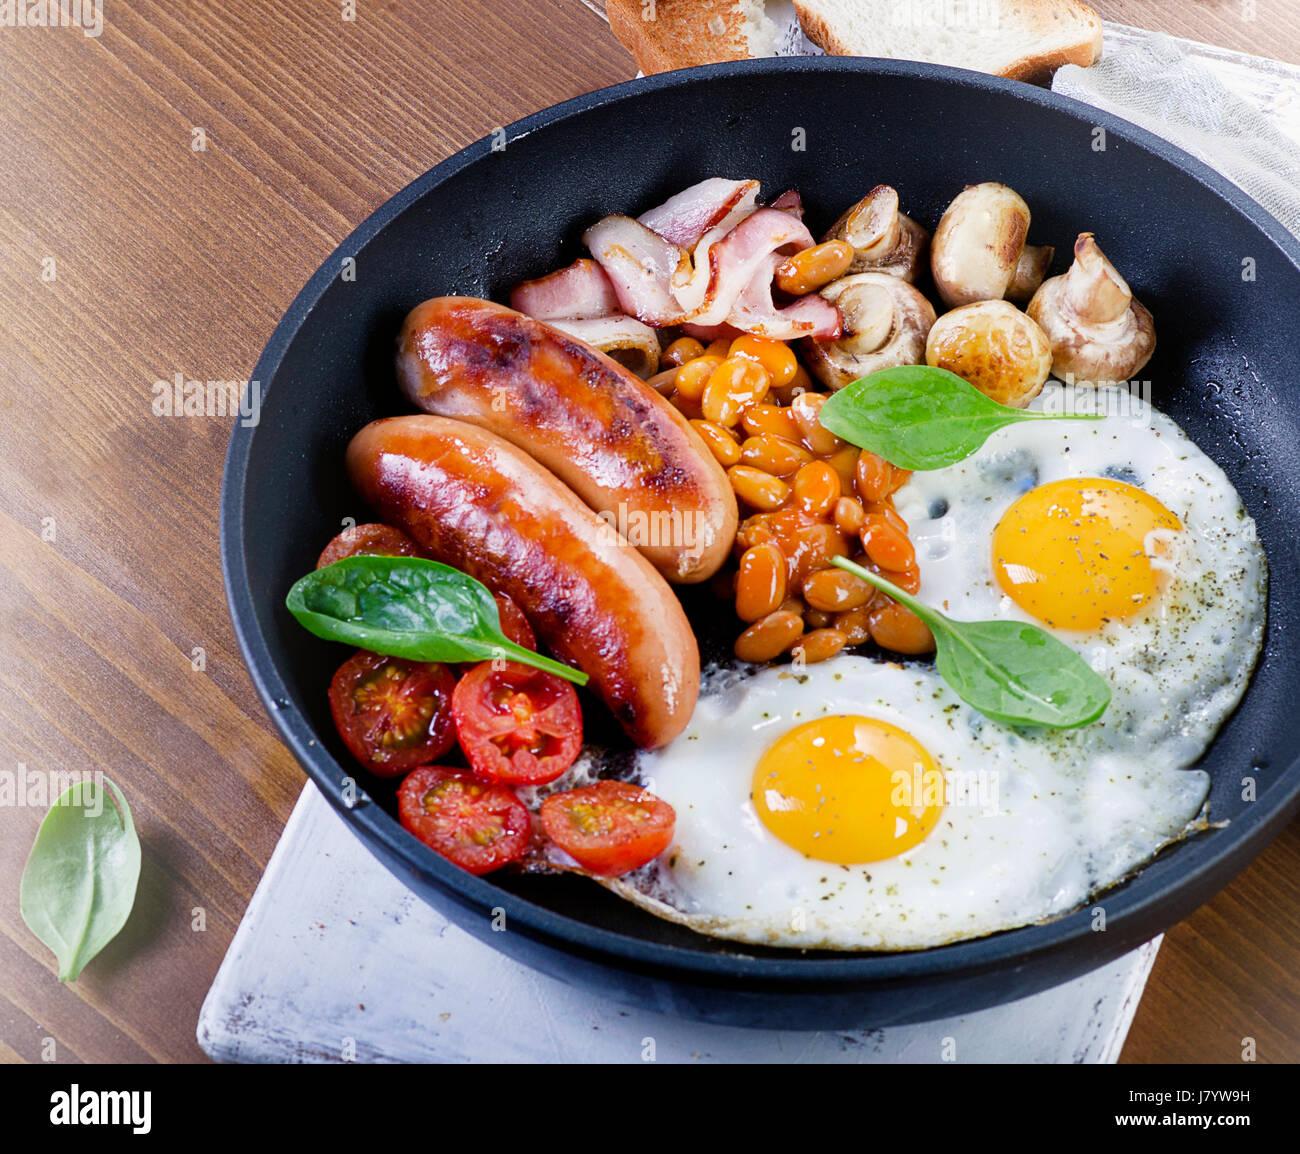 Le petit déjeuner anglais complet dans la casserole avec les œufs, saucisses, bacon, haricots, pain grillé, tomates Banque D'Images